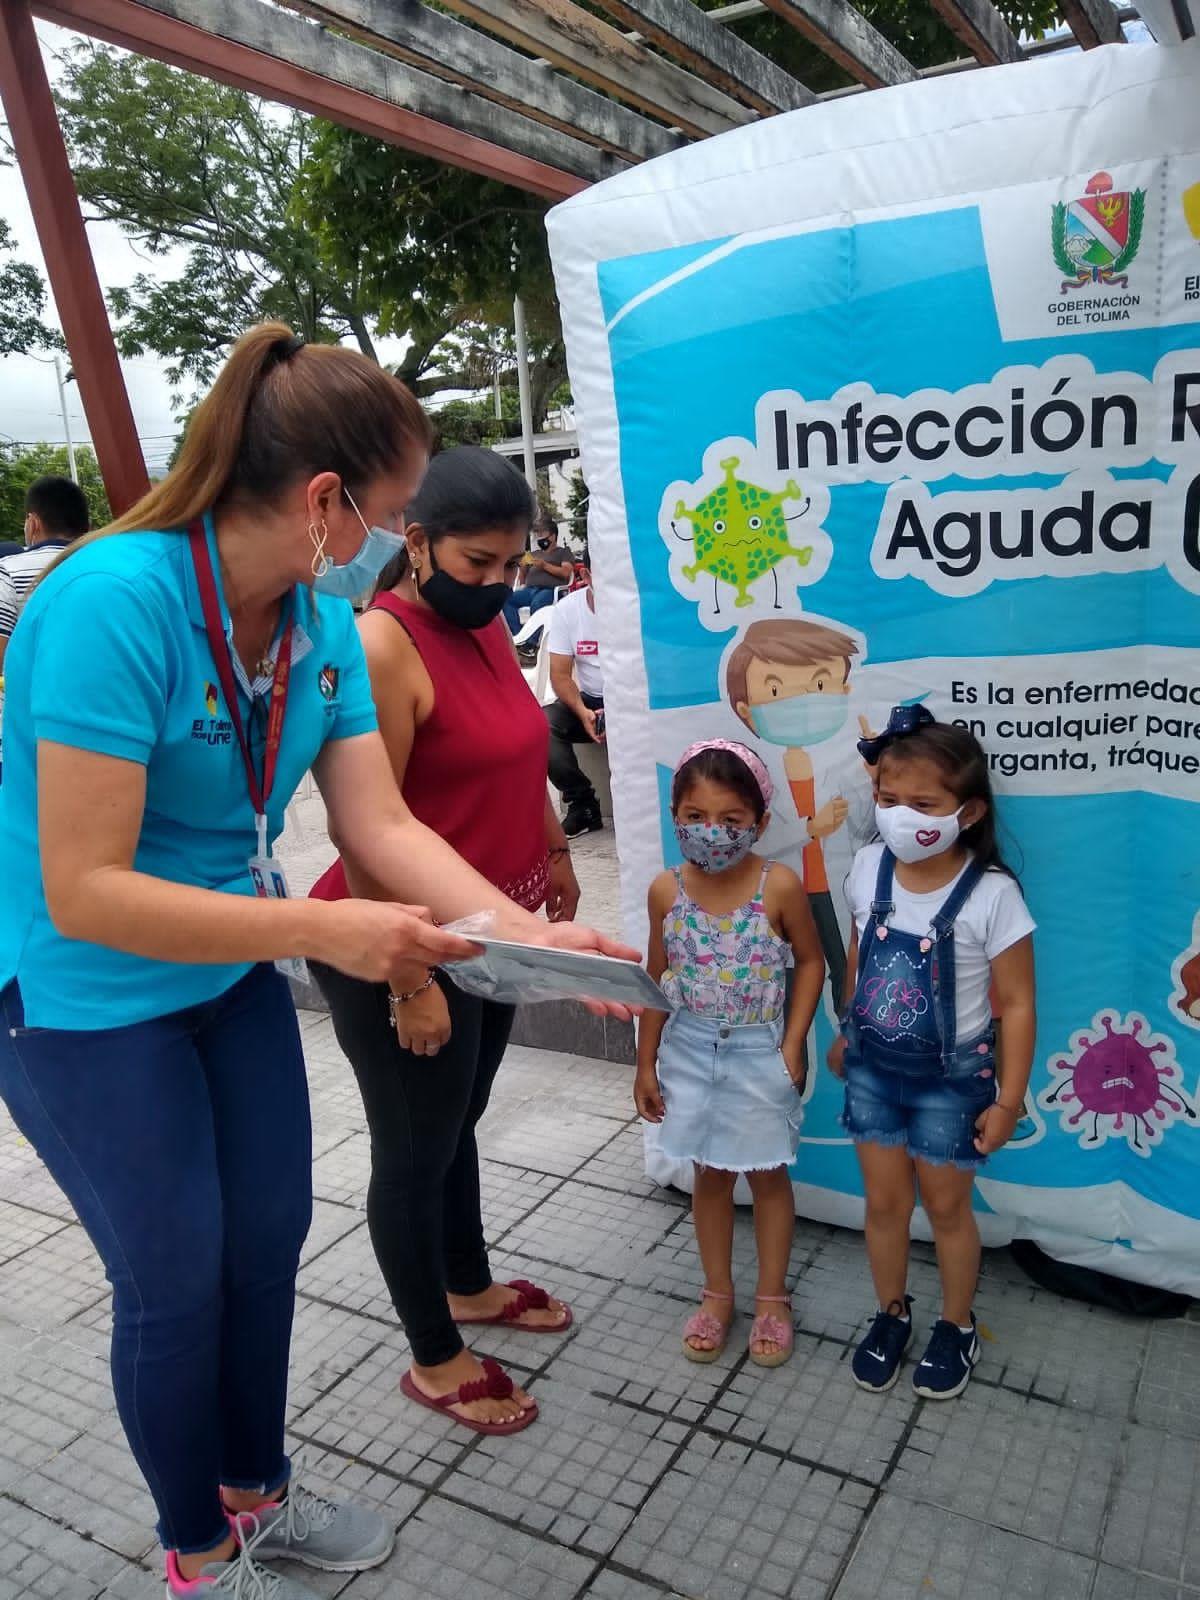 Gran respuesta de la comunidad de Alvarado en Jornada de prevención con especialistas. 1